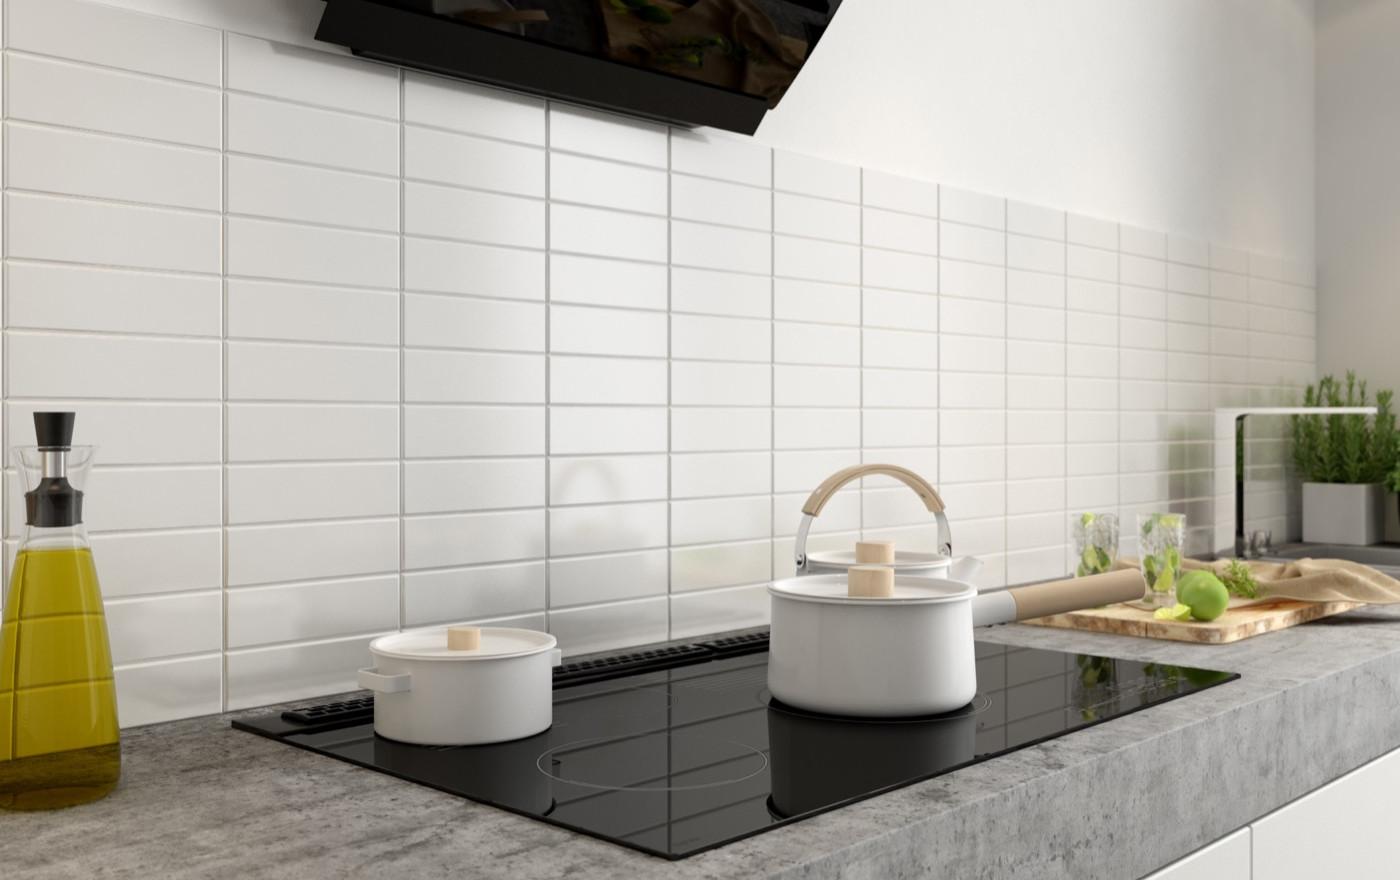 Inspirace vaší kuchyně 3.jpg